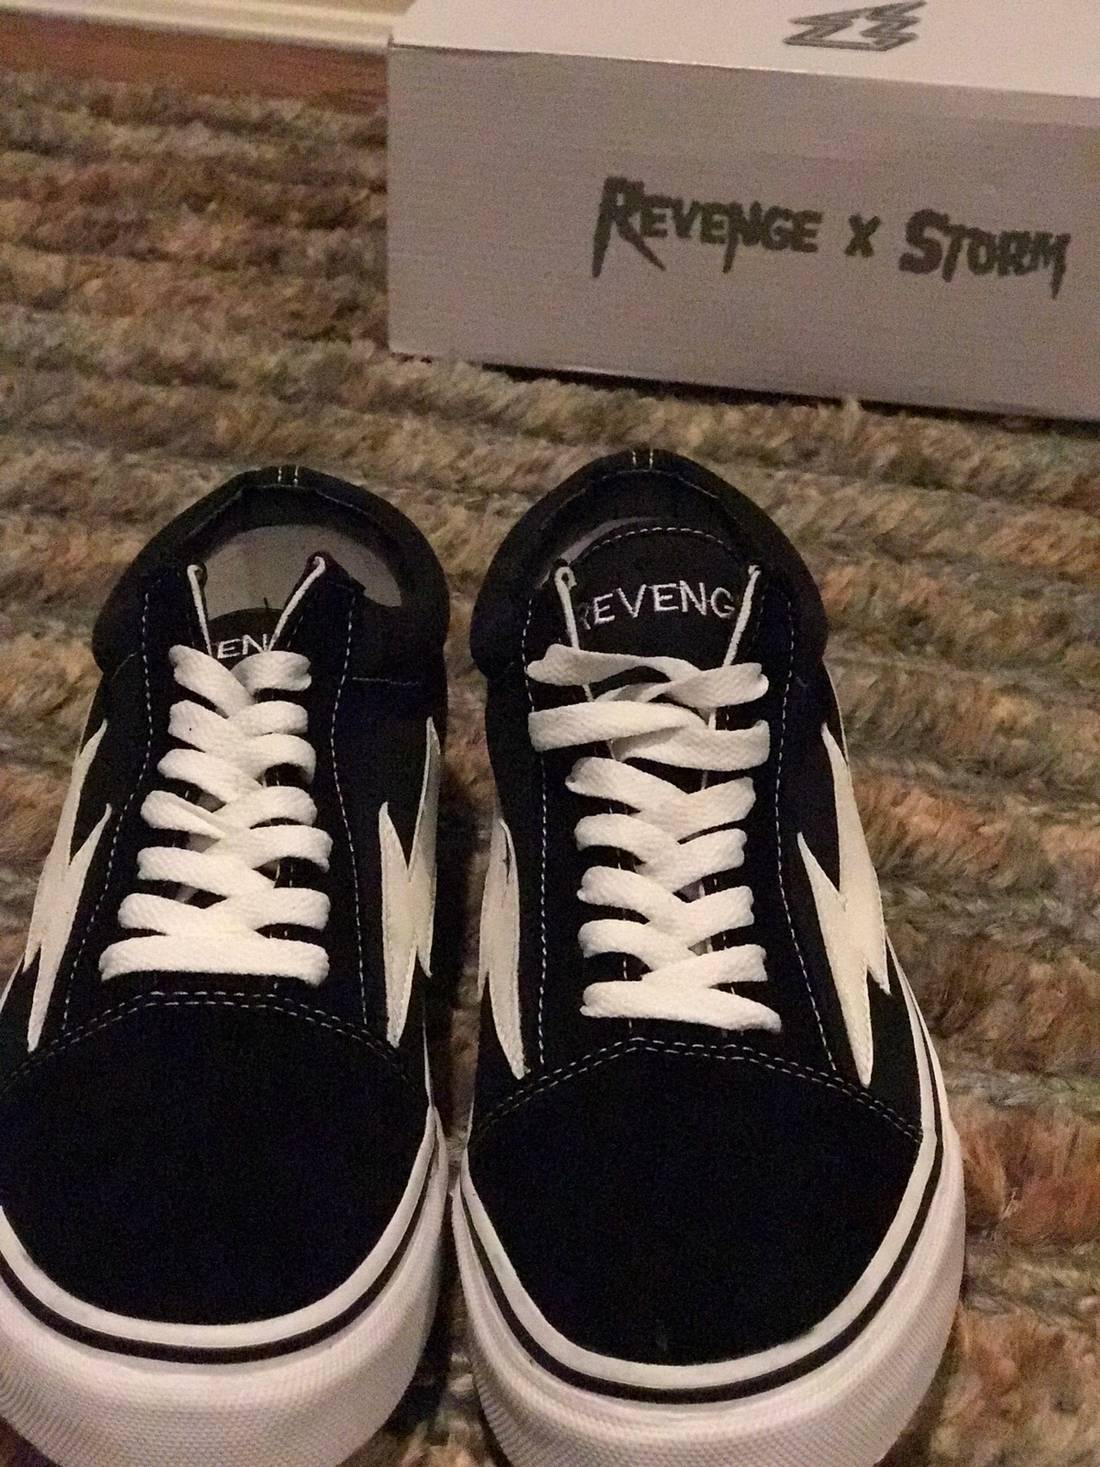 d9150371292 Ian Connor Revenge X Storm Shoes Size US 11 EU 44 - 1 ...